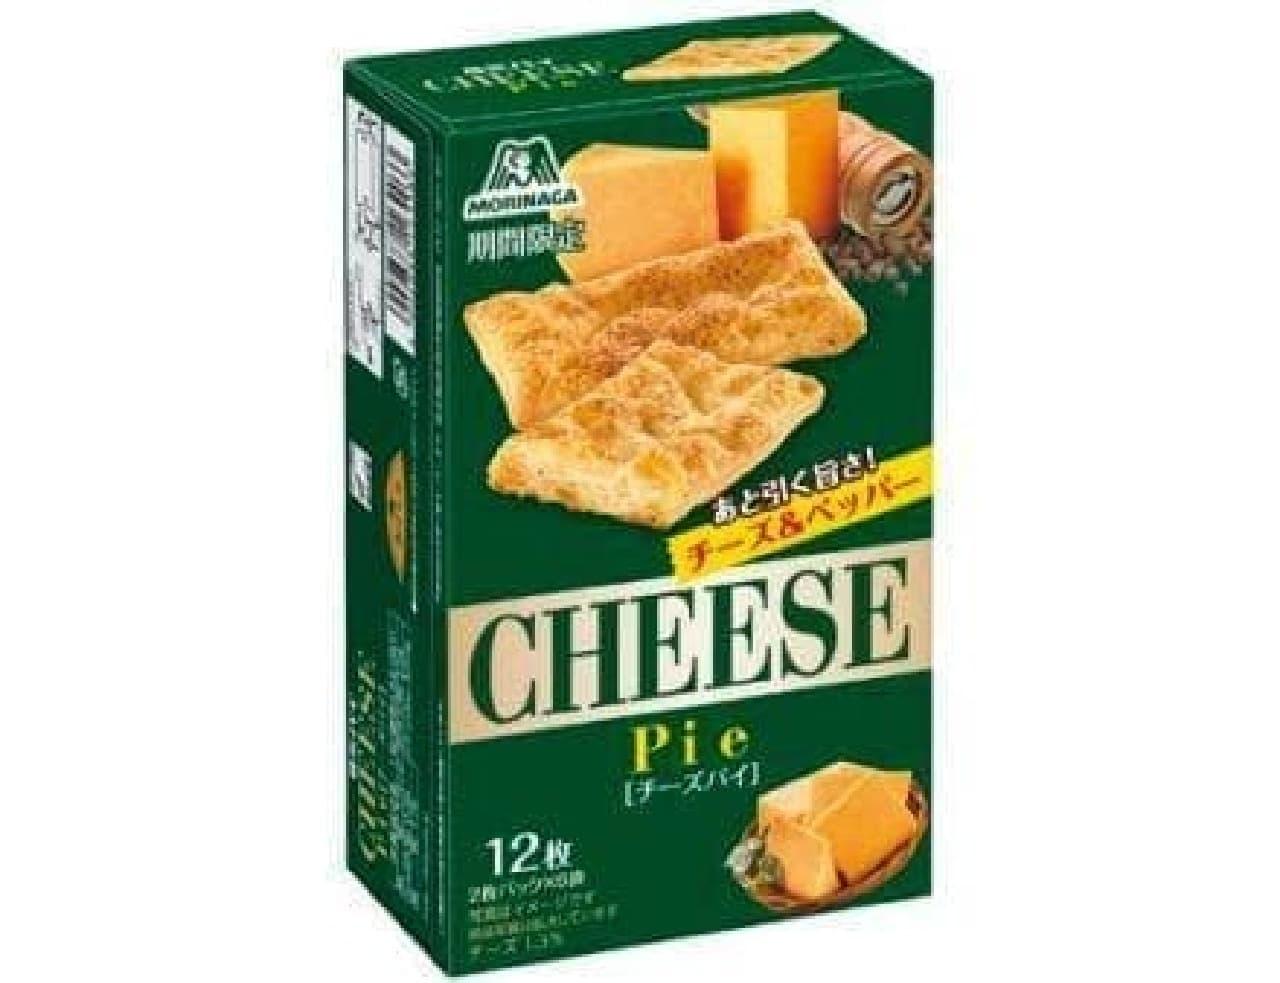 「チーズパイ」